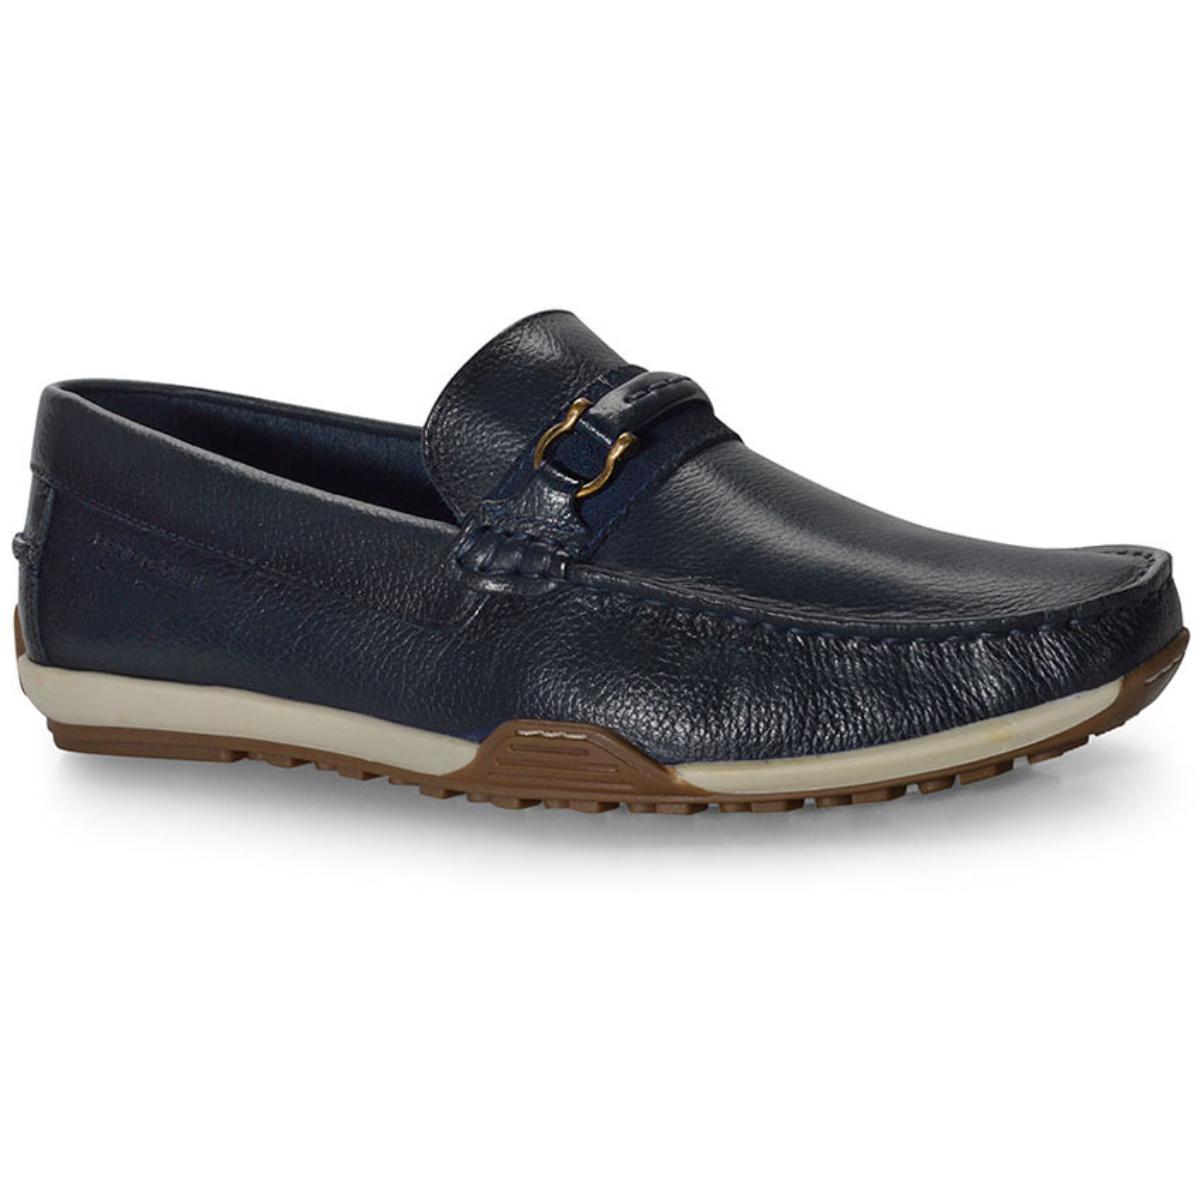 Sapato Masculino Ferricelli Mca54810 Marinho/castanho